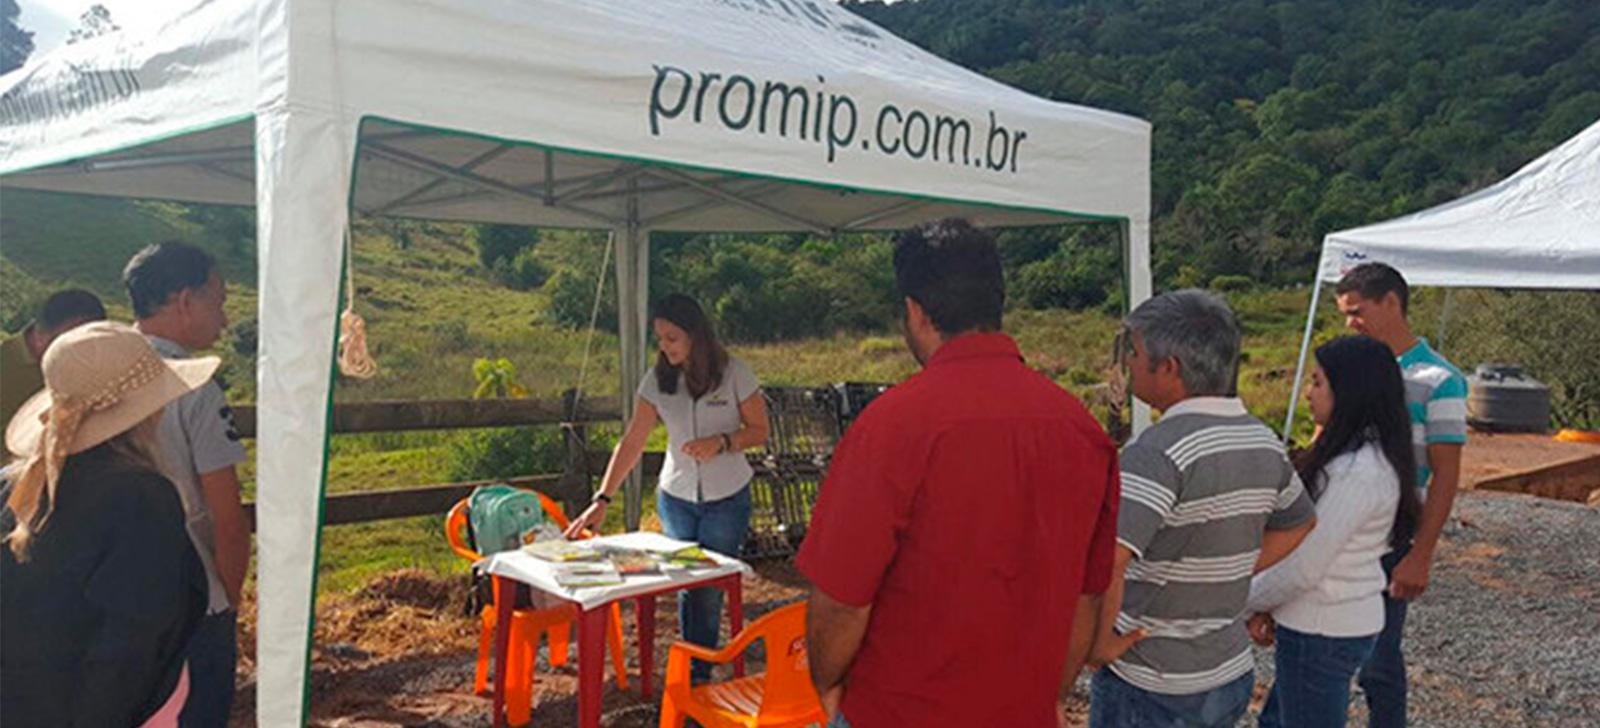 promip manejo integrado de pragas controle biologico caminhos para uma agricultura mais sustentavel e segura (3)